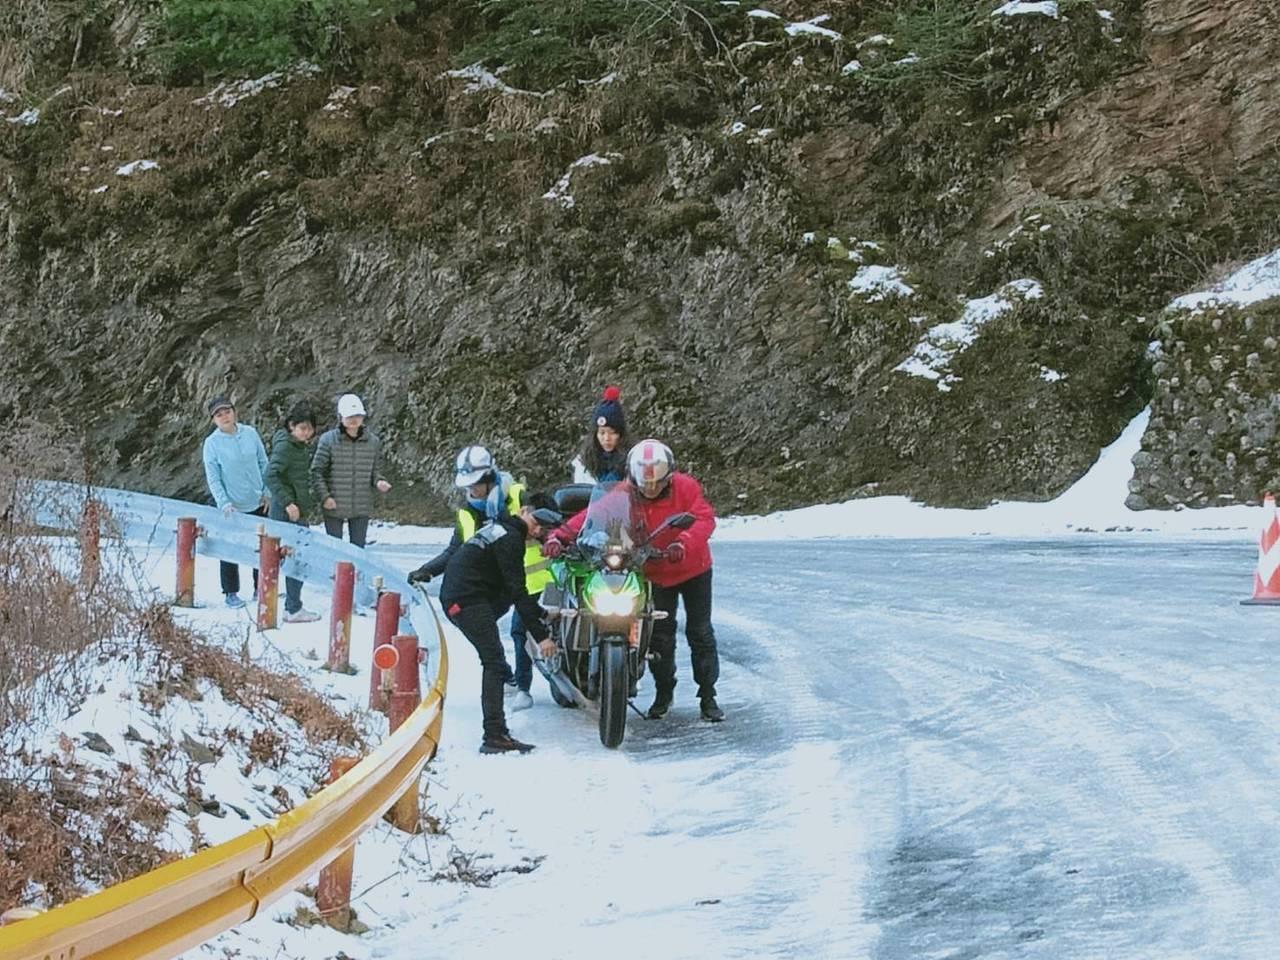 台14甲線落鷹山莊下坡路段,因融冰未退,今天有多輛汽機車打滑。圖/新城警分局提供